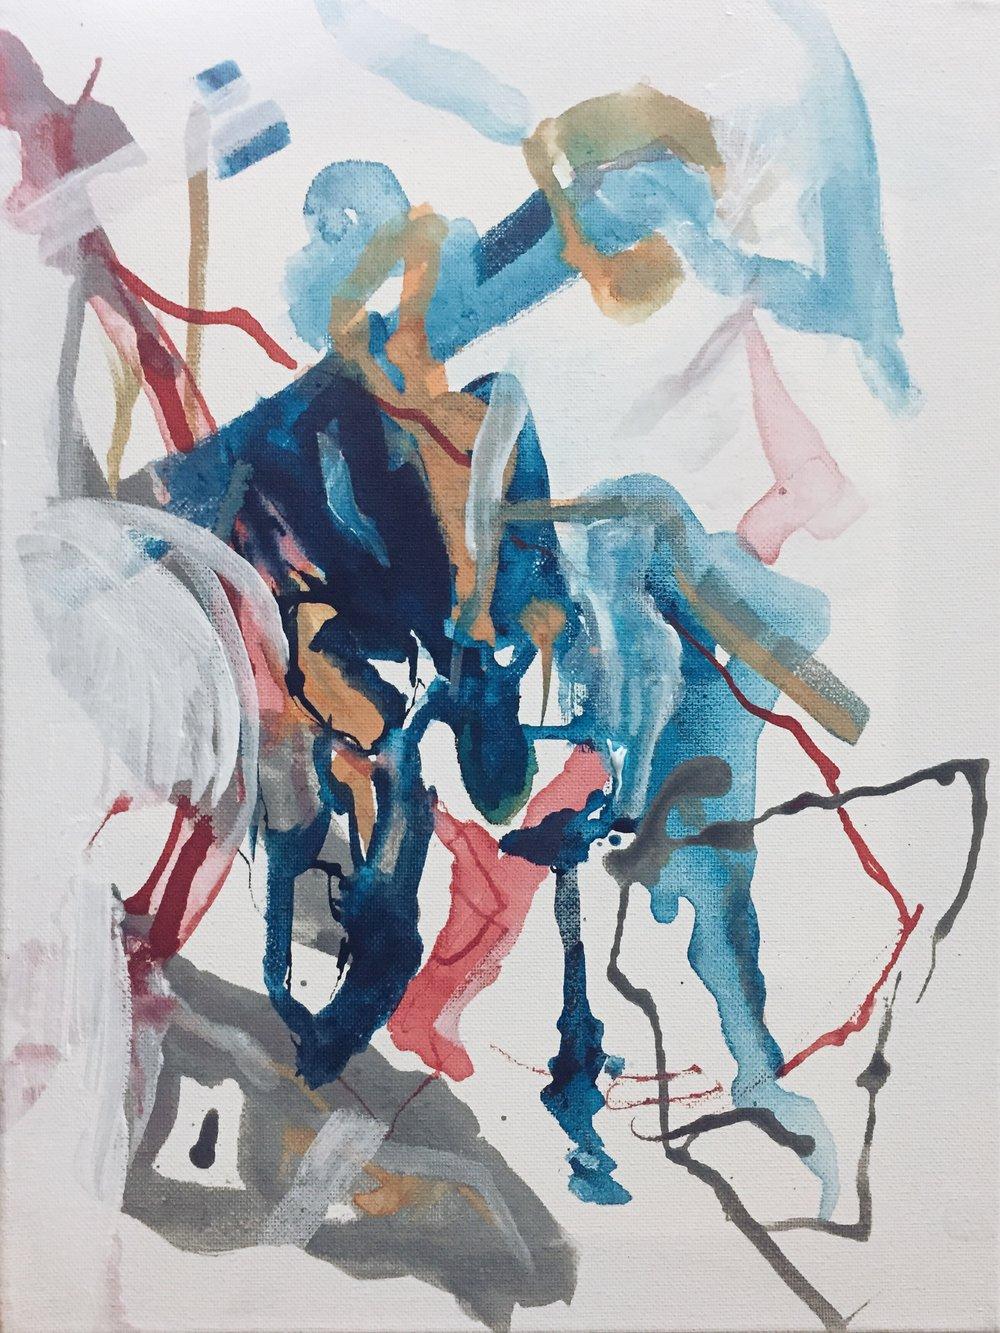 2016 42cm x 30cm Acrylic on Canvas